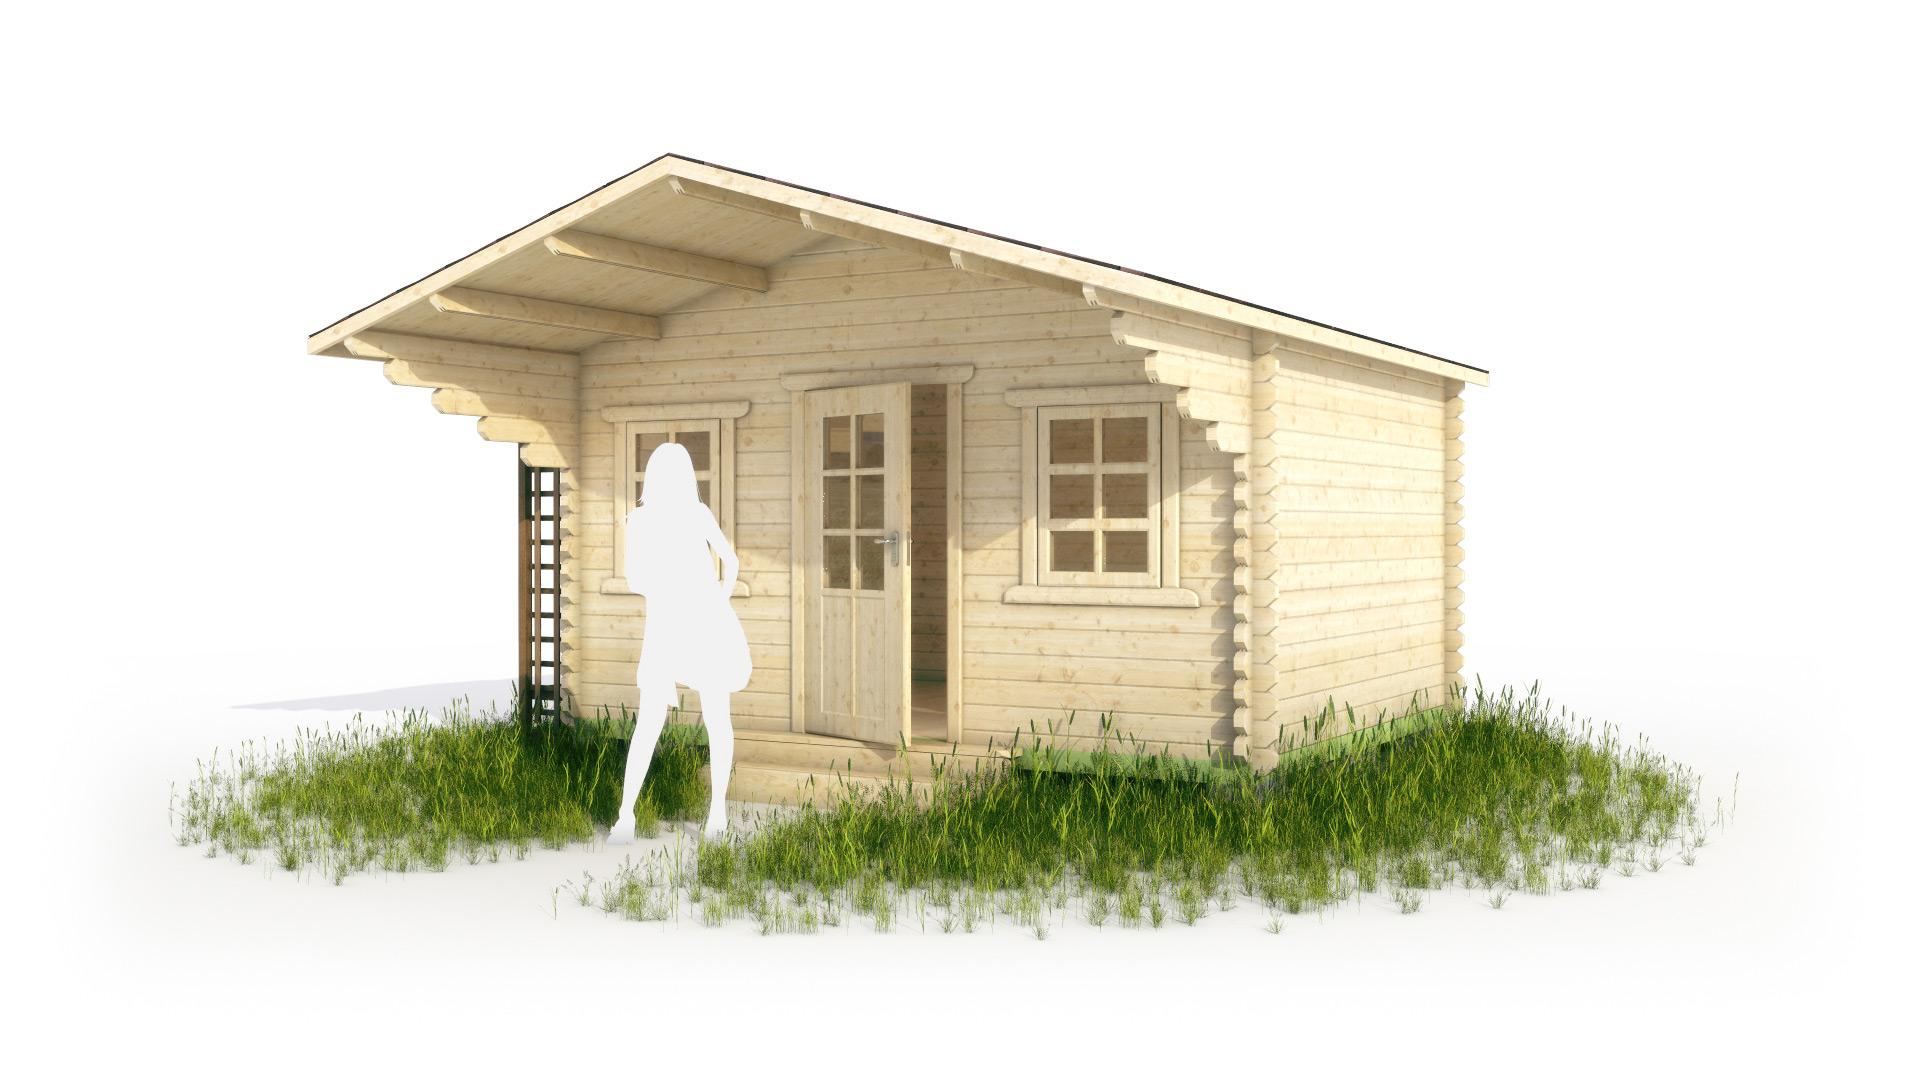 Садовый домик с навесом в 3d